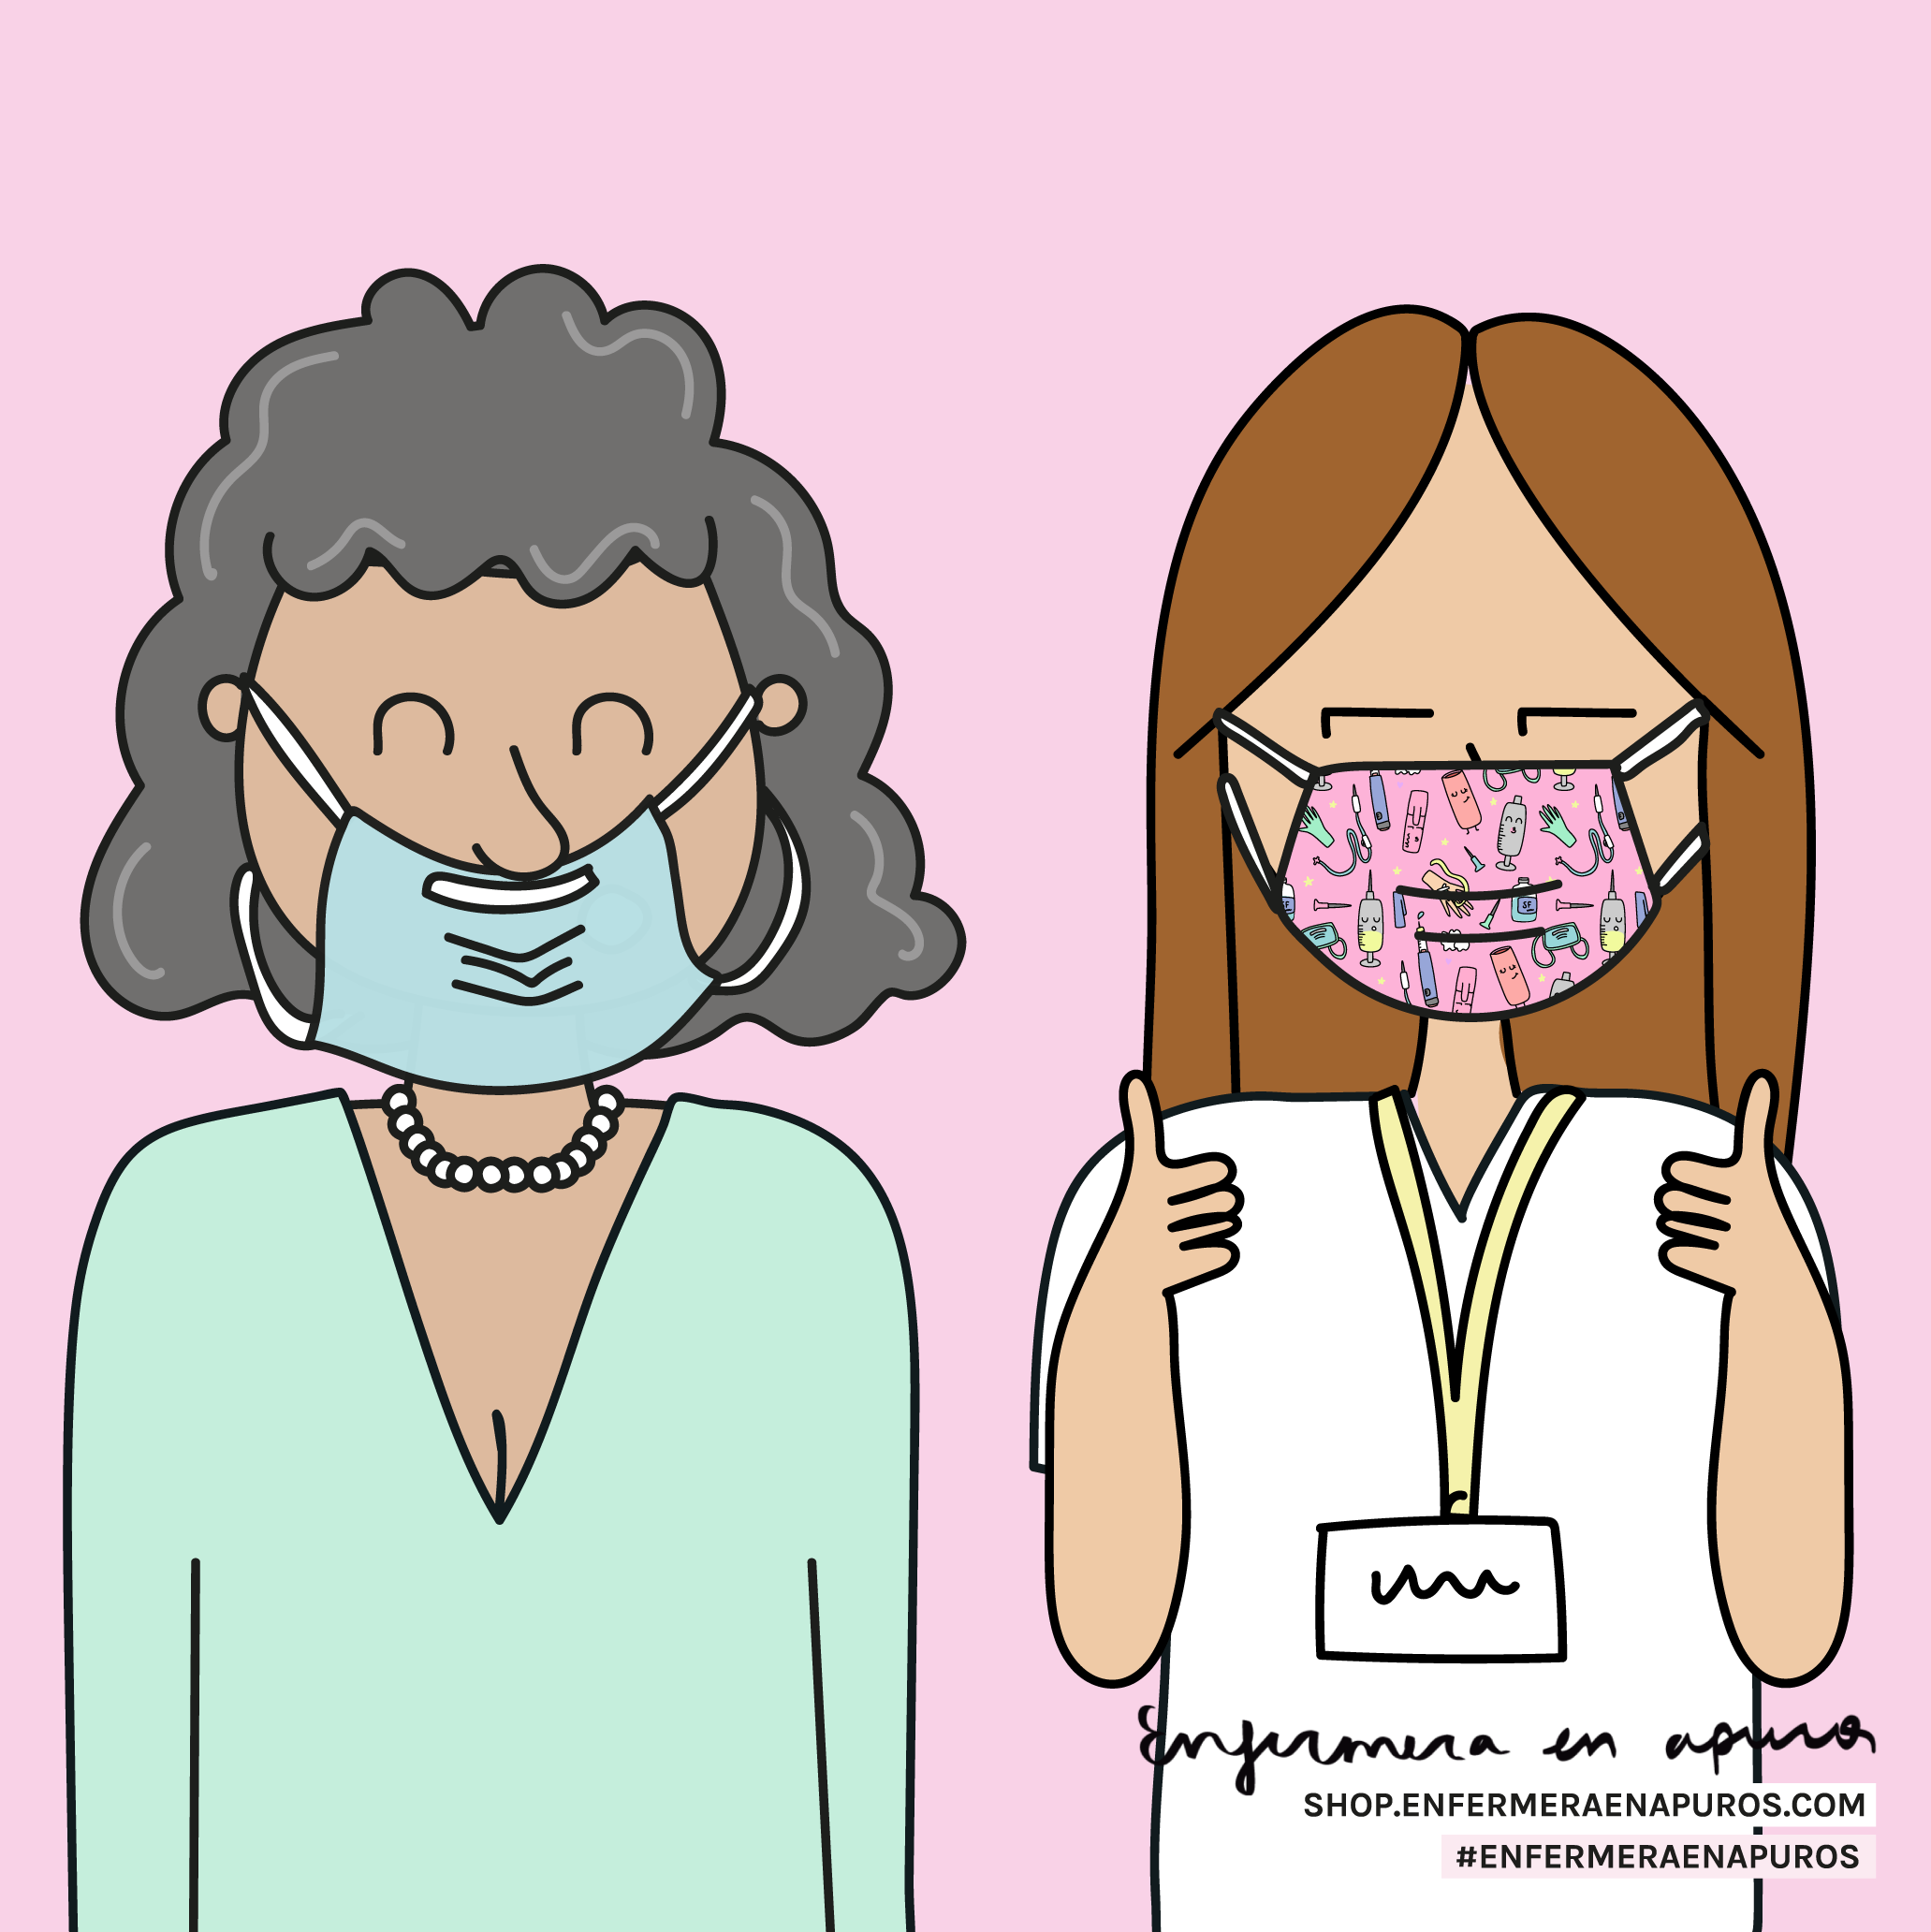 Mascarillas Enfermera En Apuros Enfermera Imagen Enfermera Humor De Enfermera